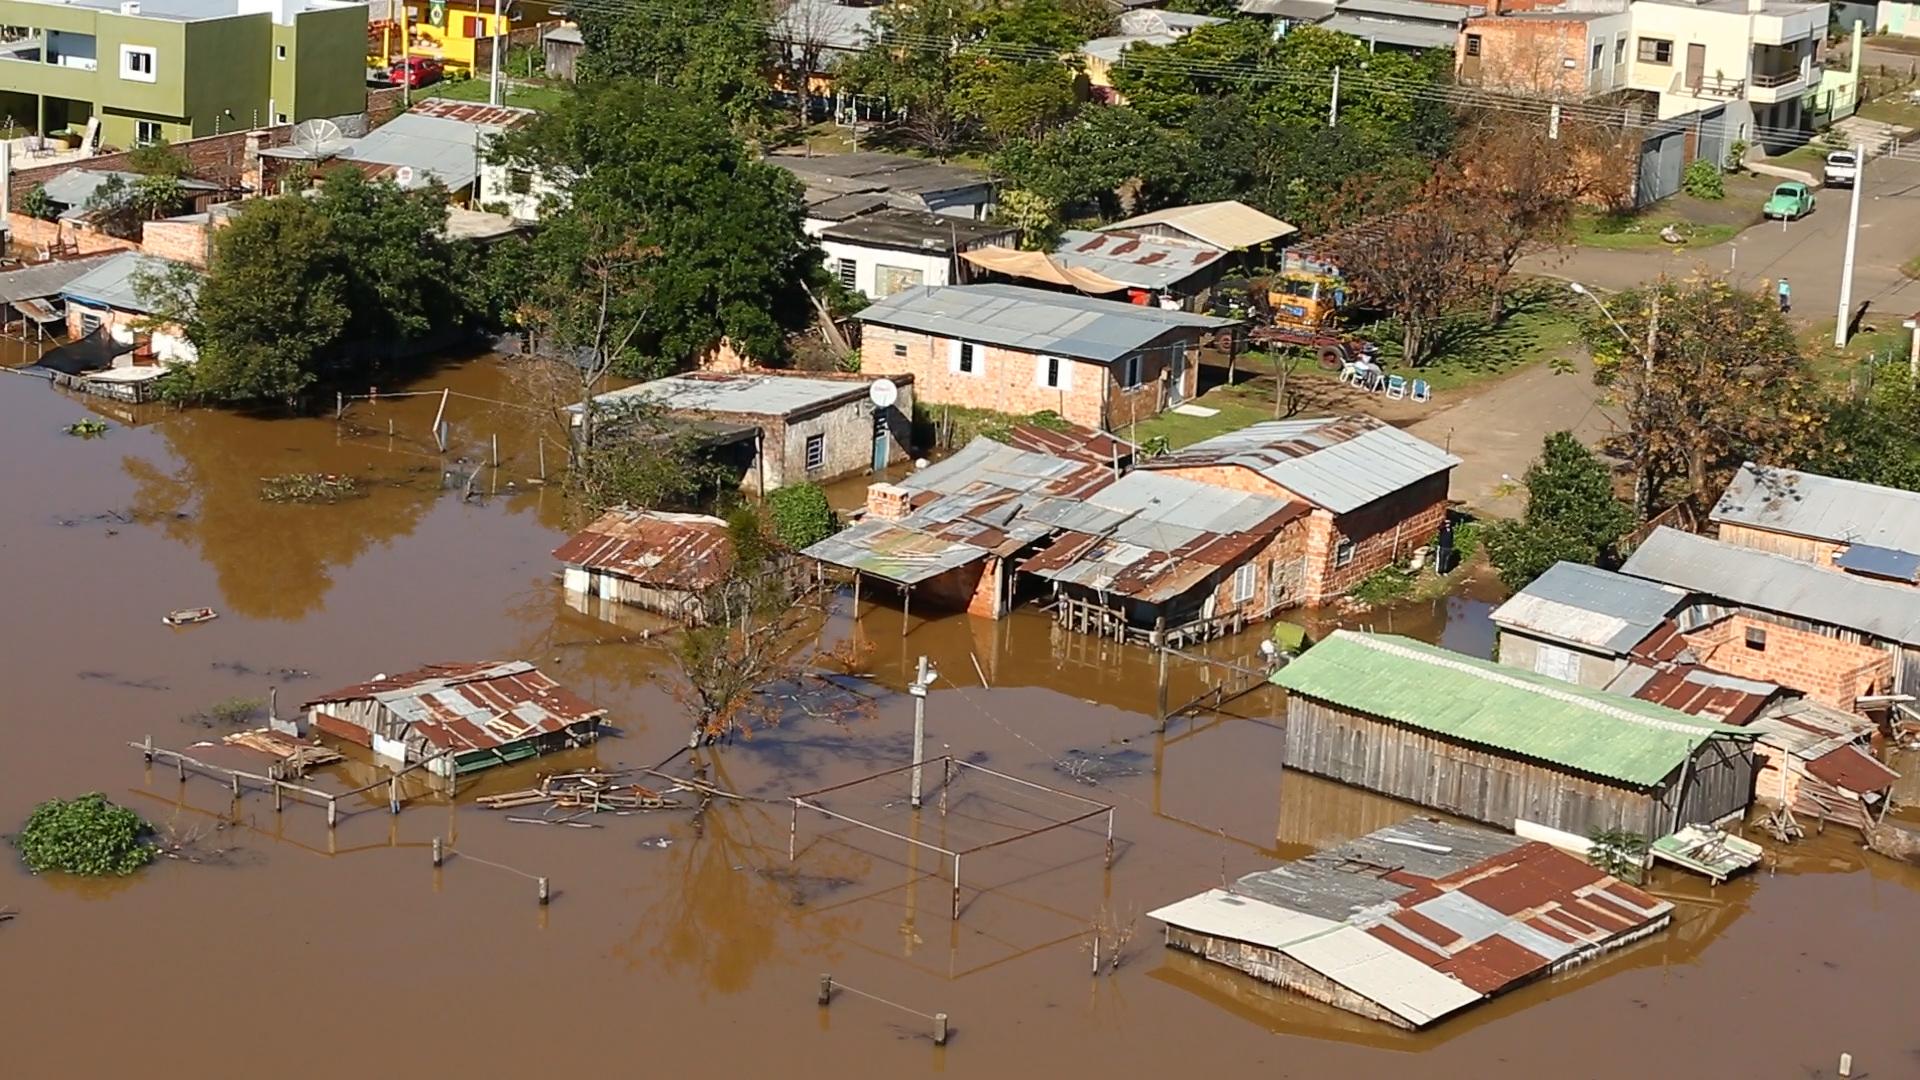 A enchente em Uruguaiana vista de cima